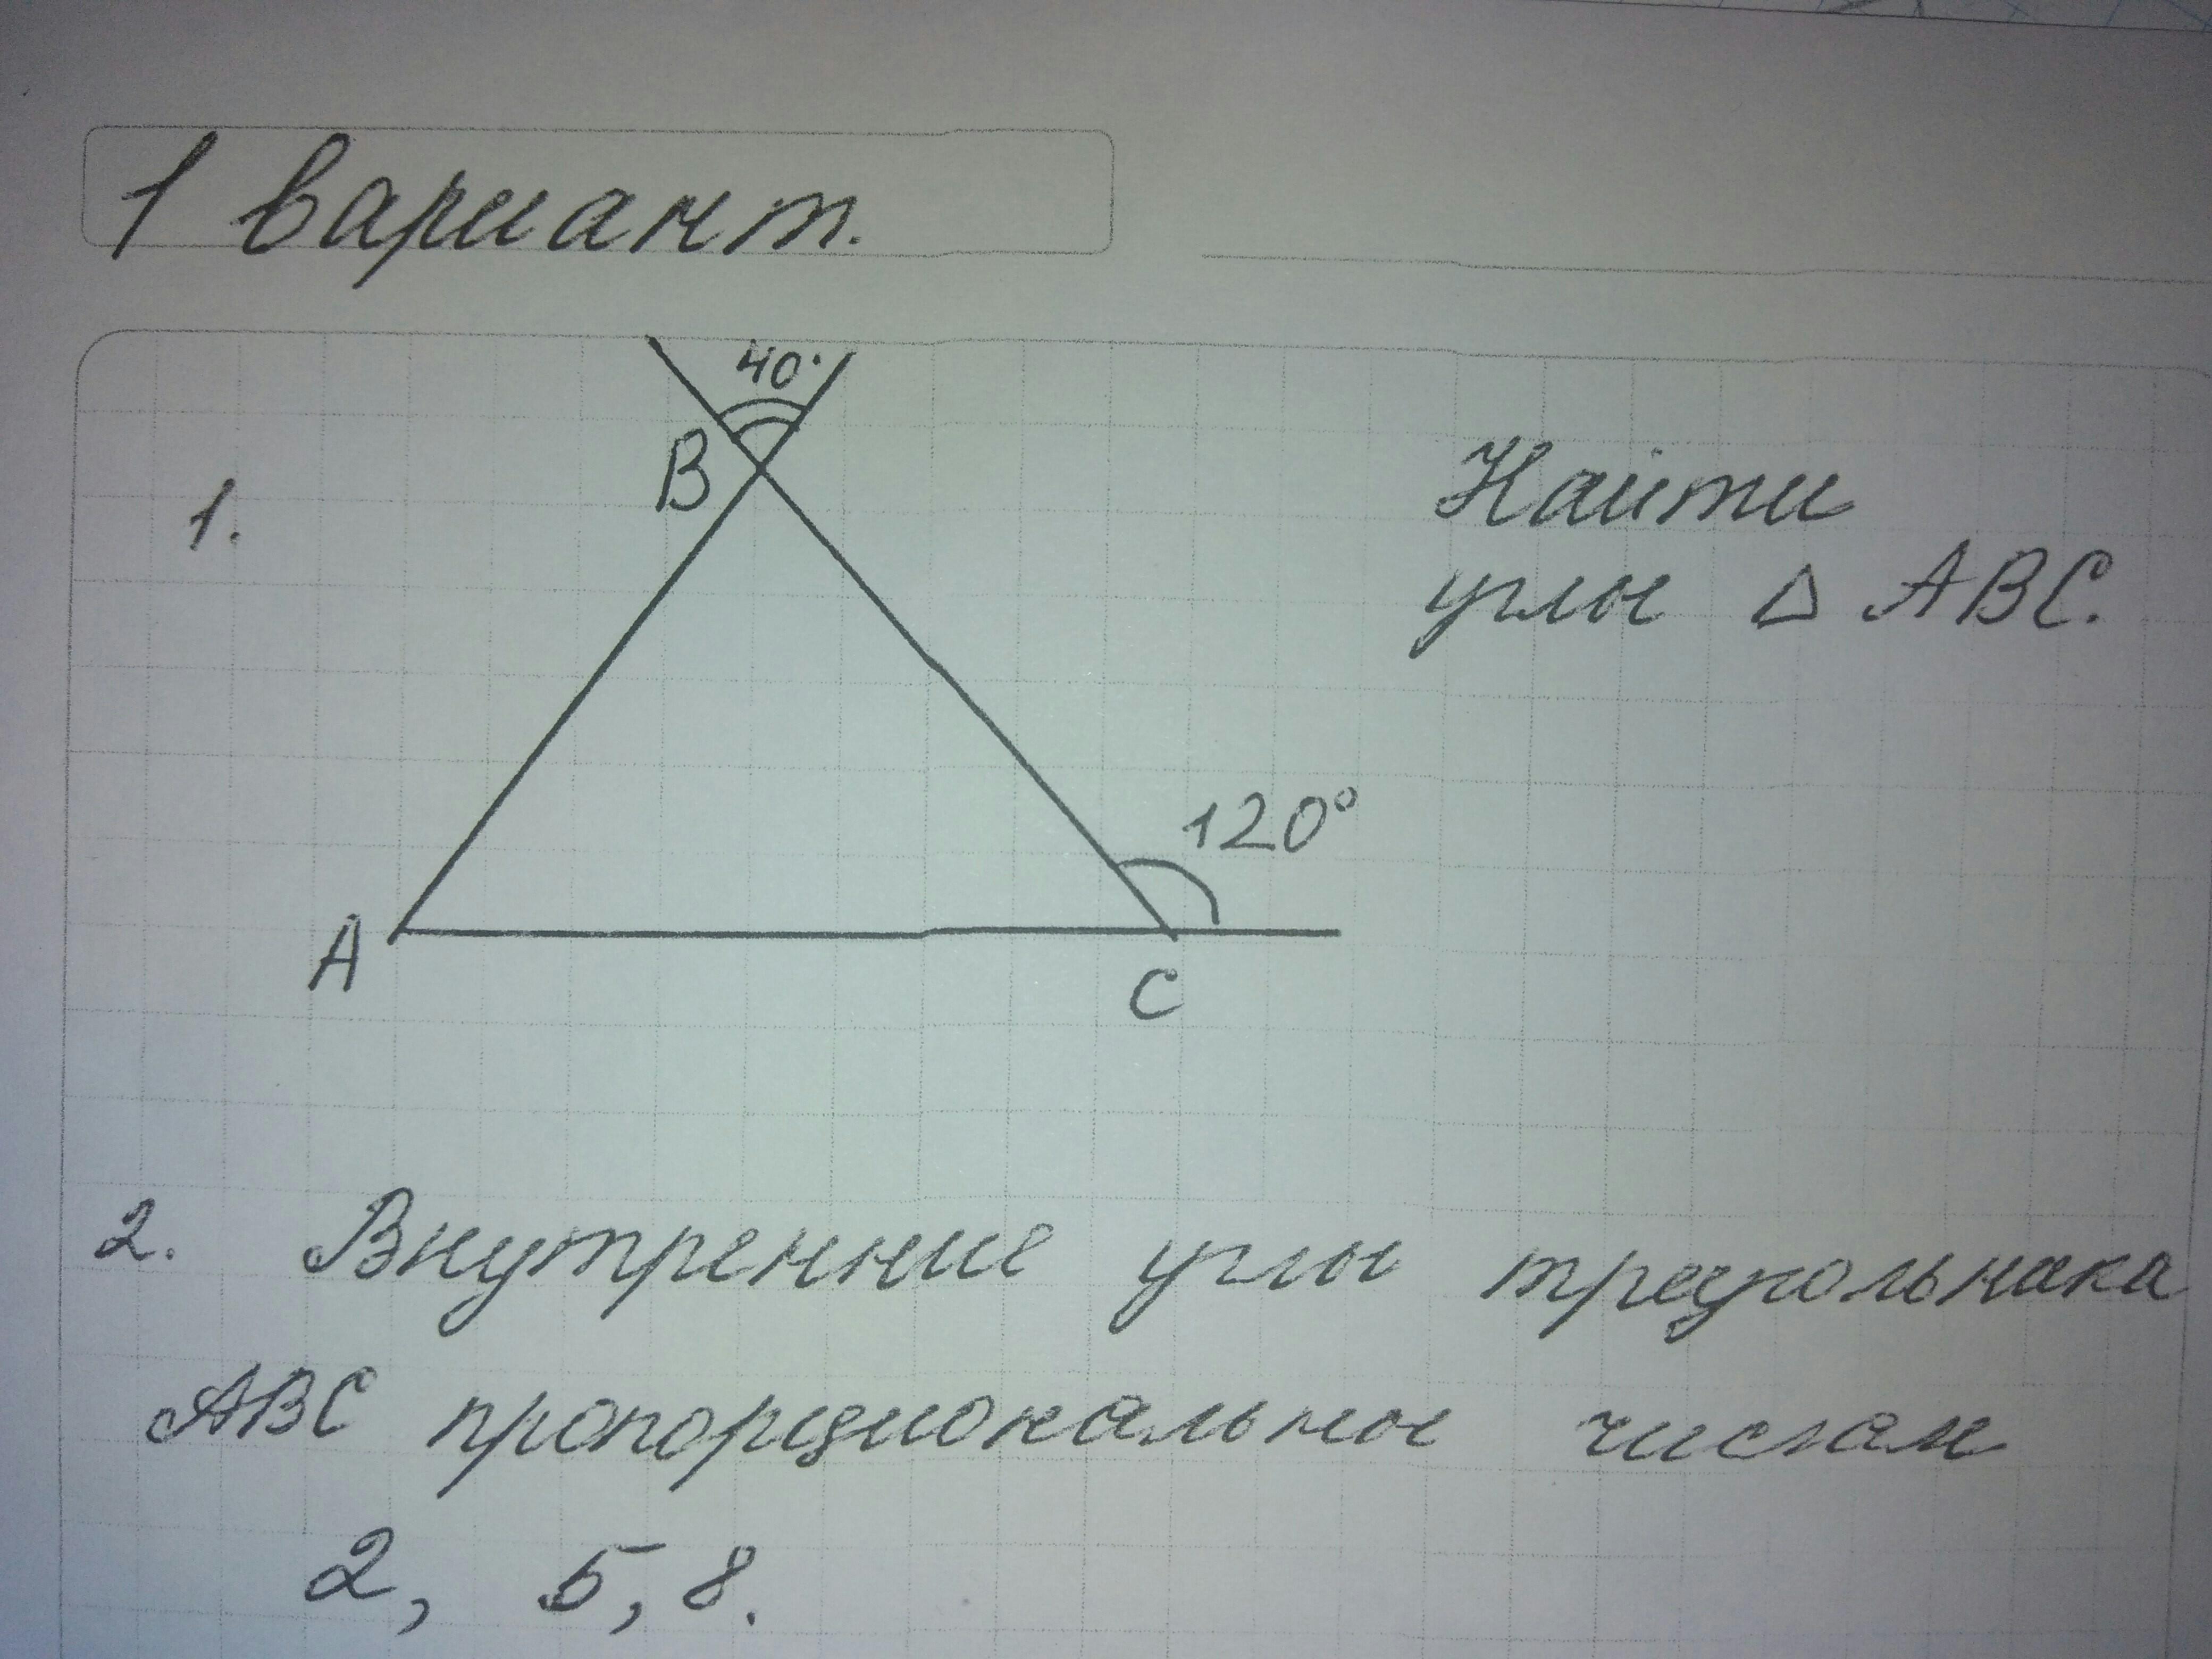 Найти углы треугольника abc если сторона B